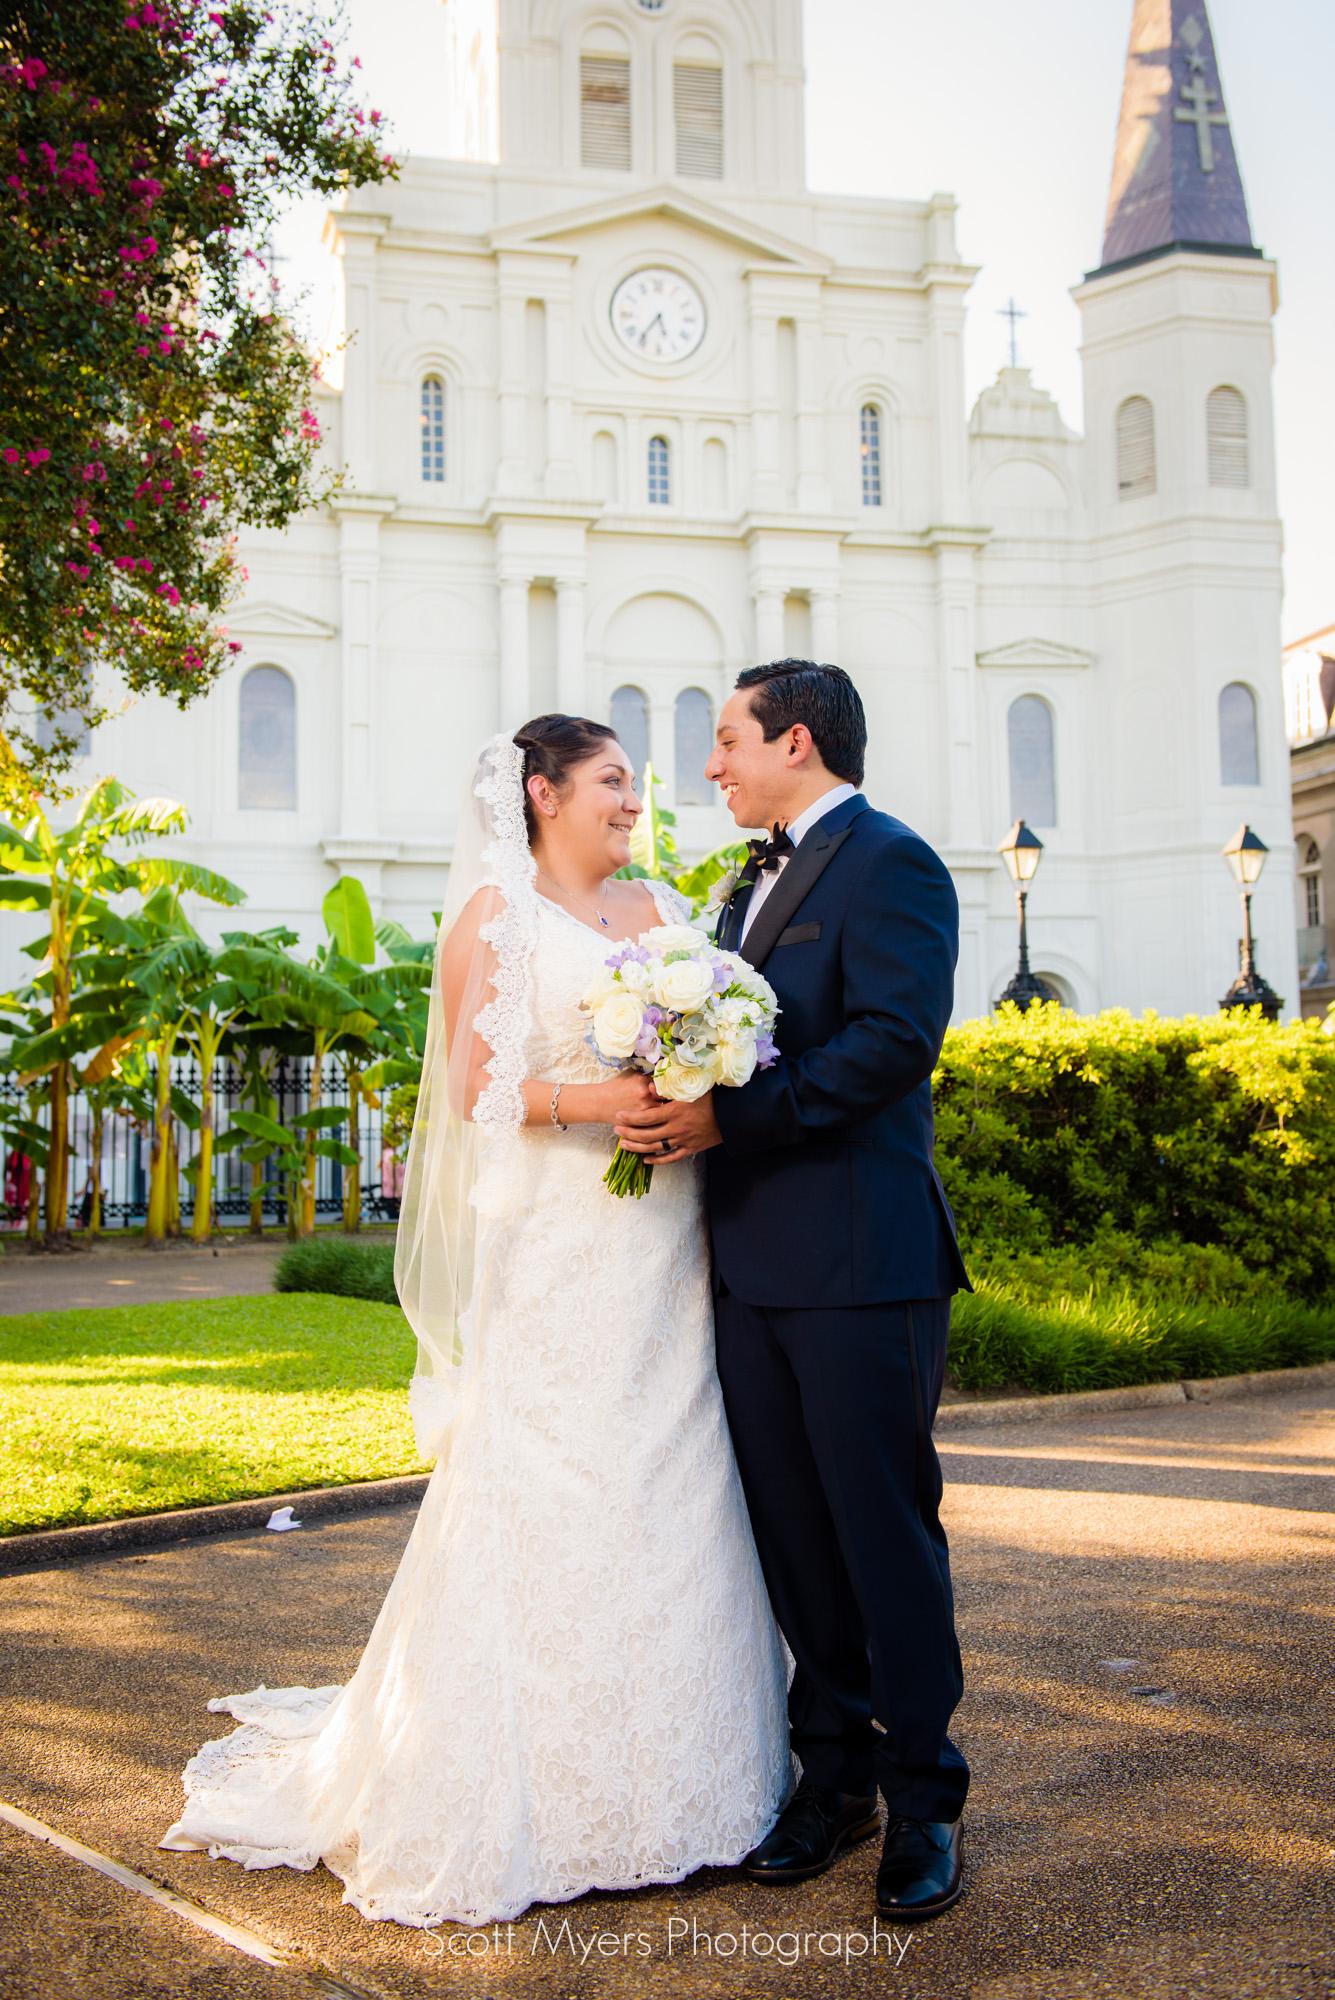 Scott_Myers_Wedding_New_Orleans_027.jpg